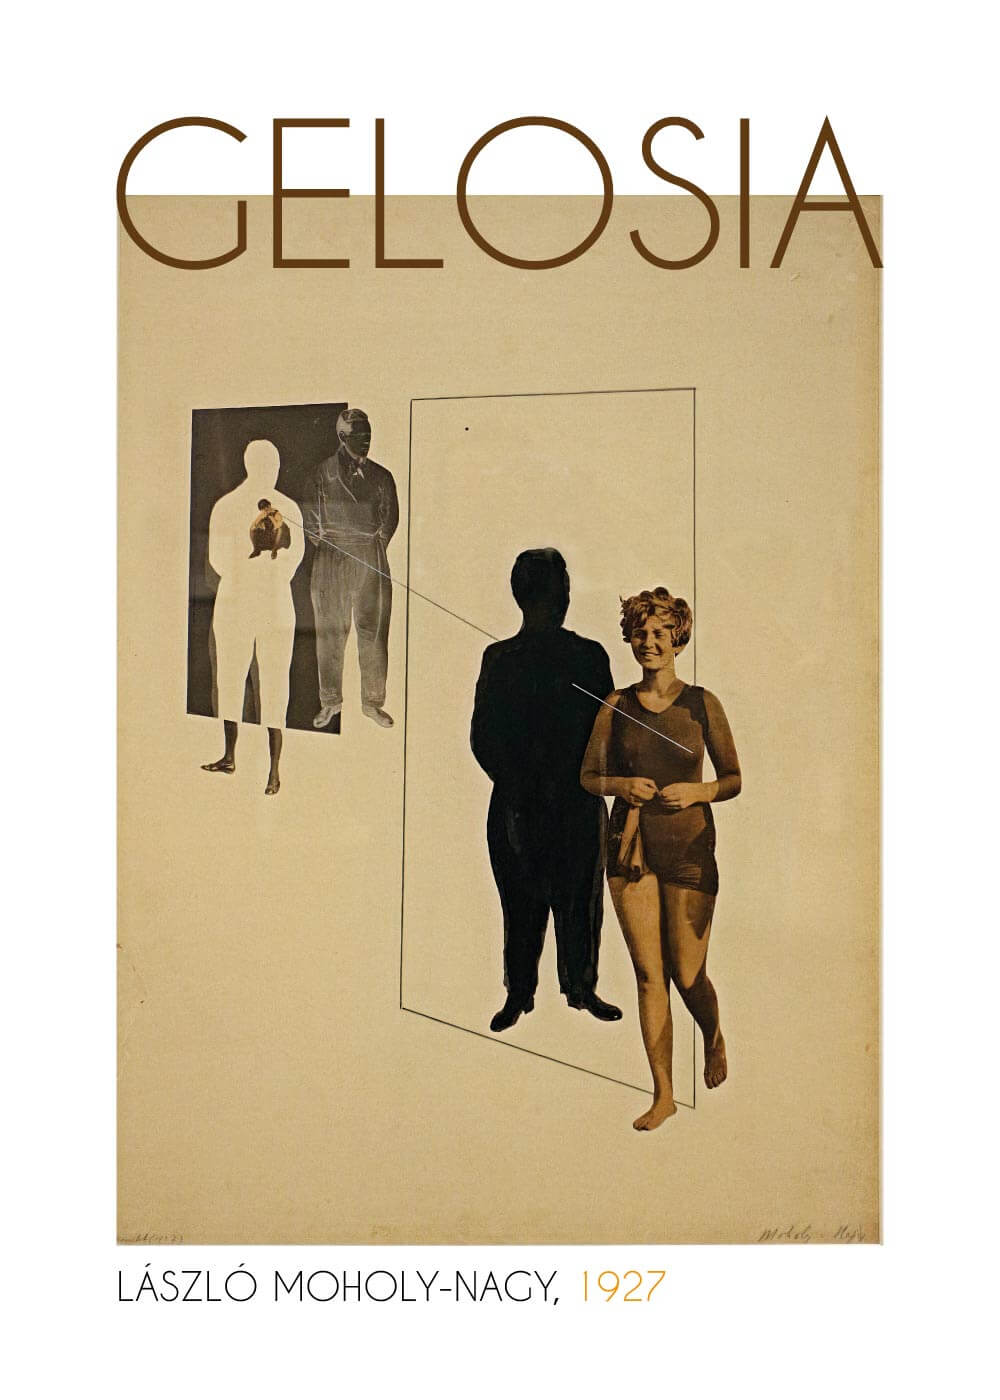 Billede af Gelosia - László Moholy-Nagy kunstplakat